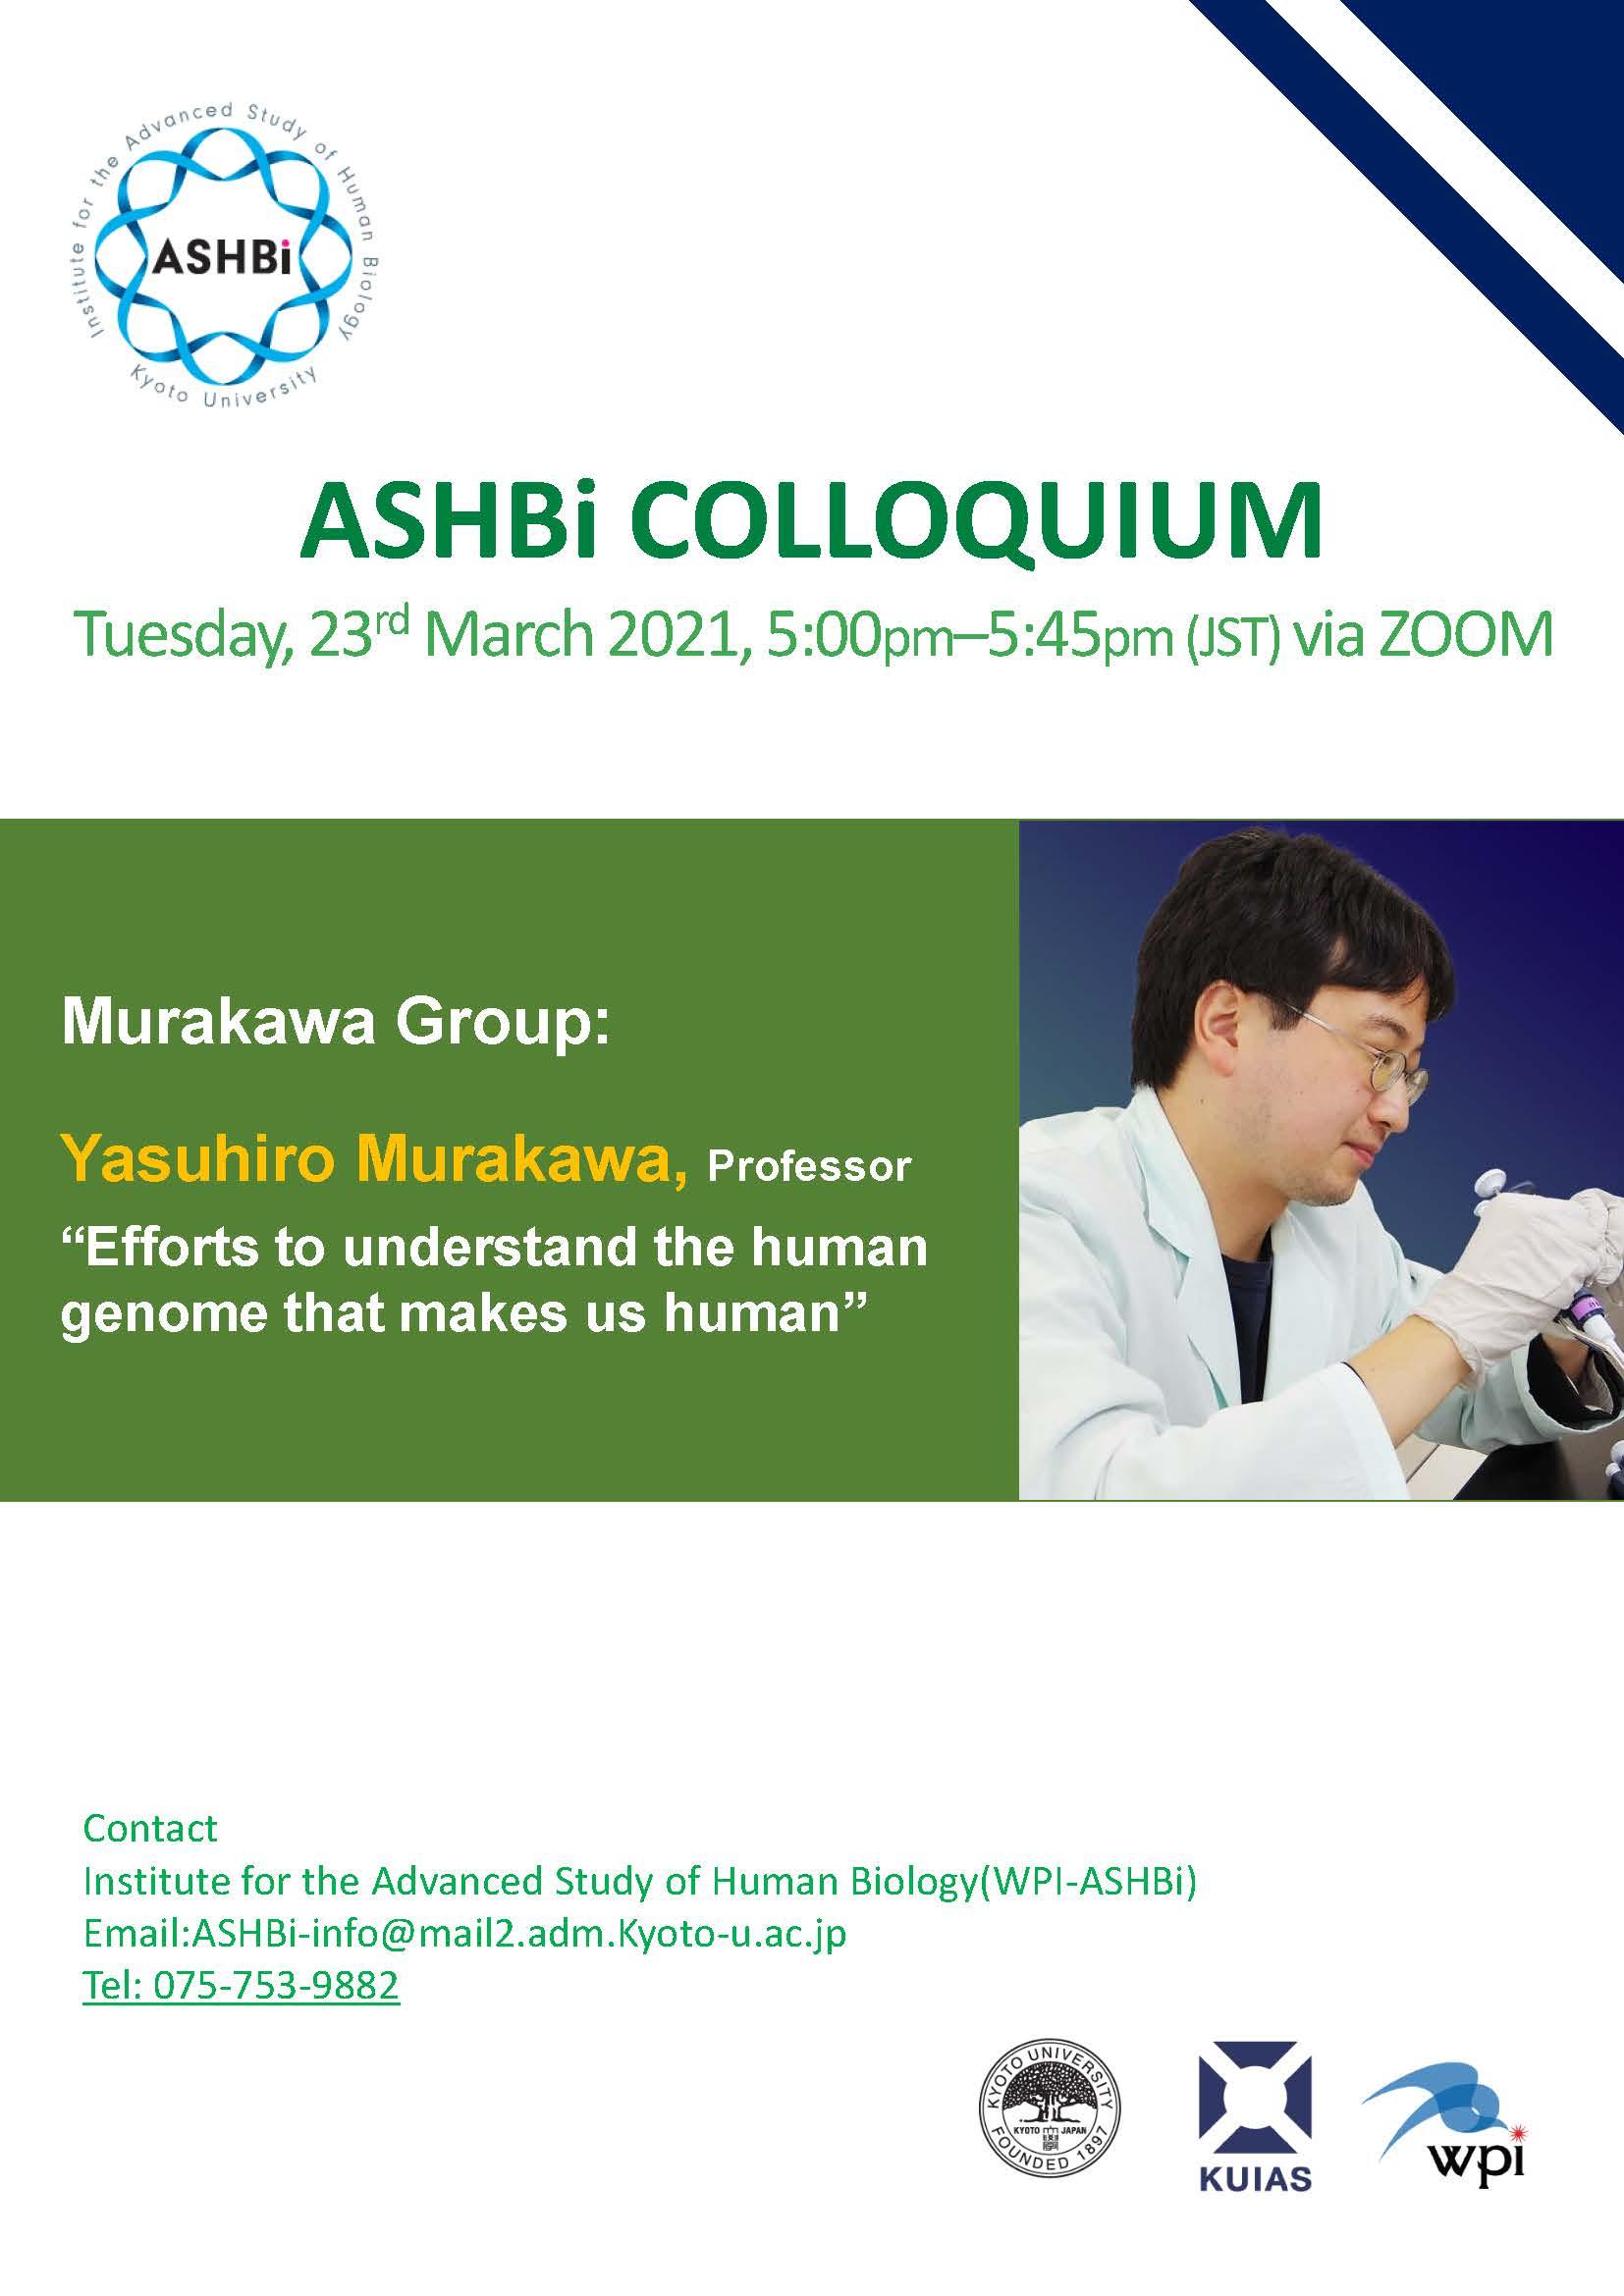 第16回 ASHBi Colloquium  (村川グループ)